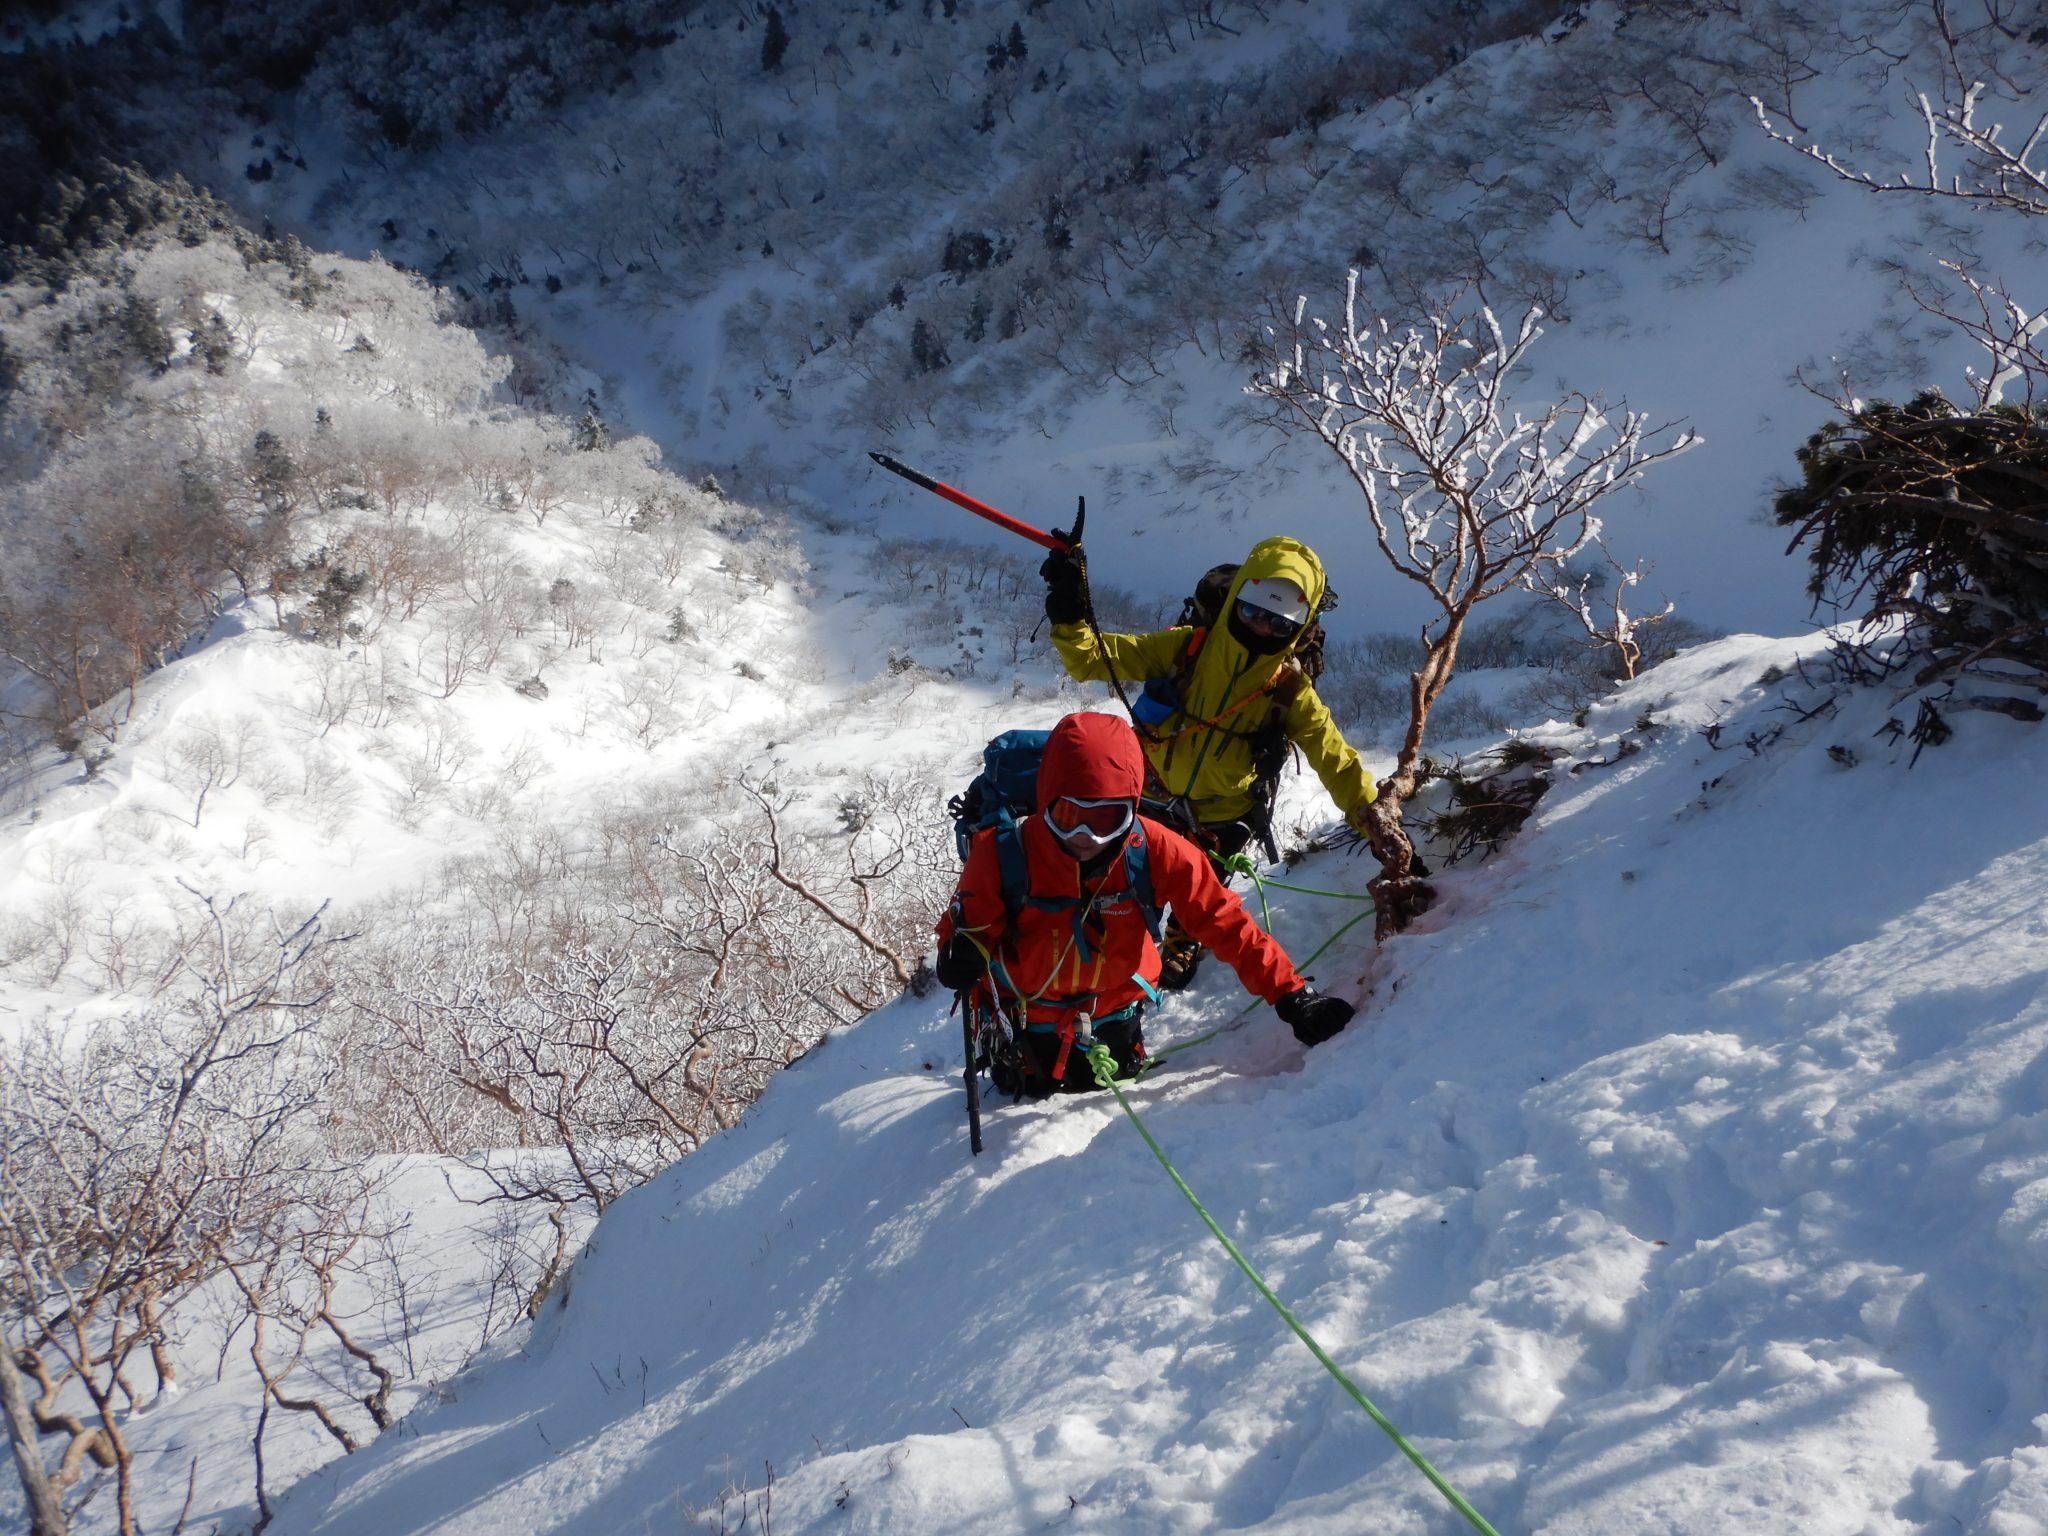 アイゼン+ピッケル講習と赤岳南峰リッジ+阿弥陀岳北稜登攀3日間